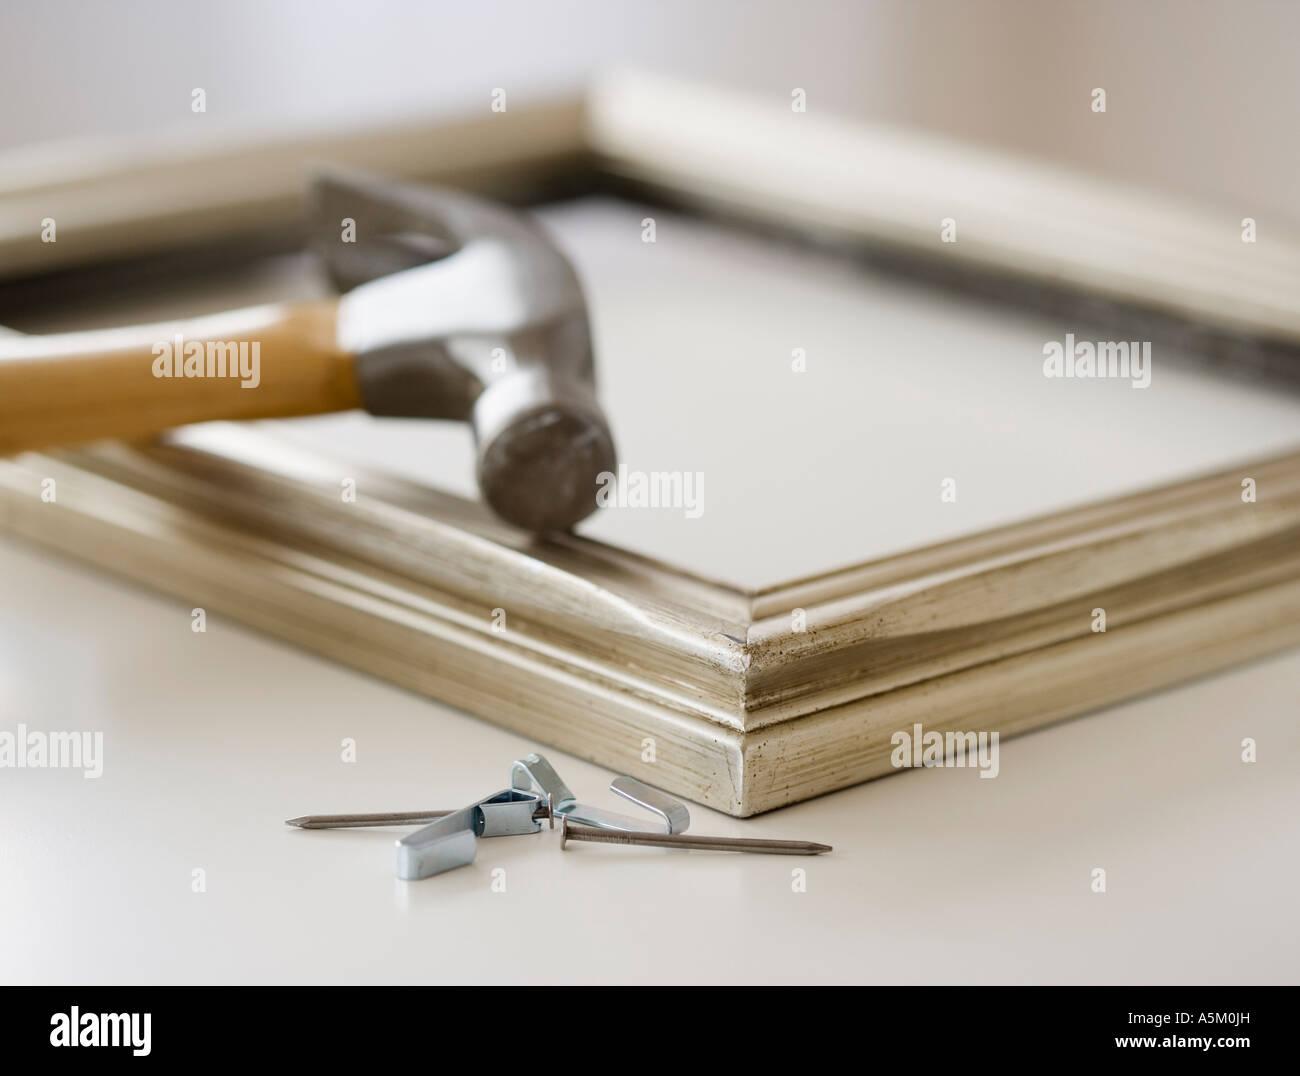 Nahaufnahme von Hammer Nägel und Bilderrahmen Stockfoto, Bild ...